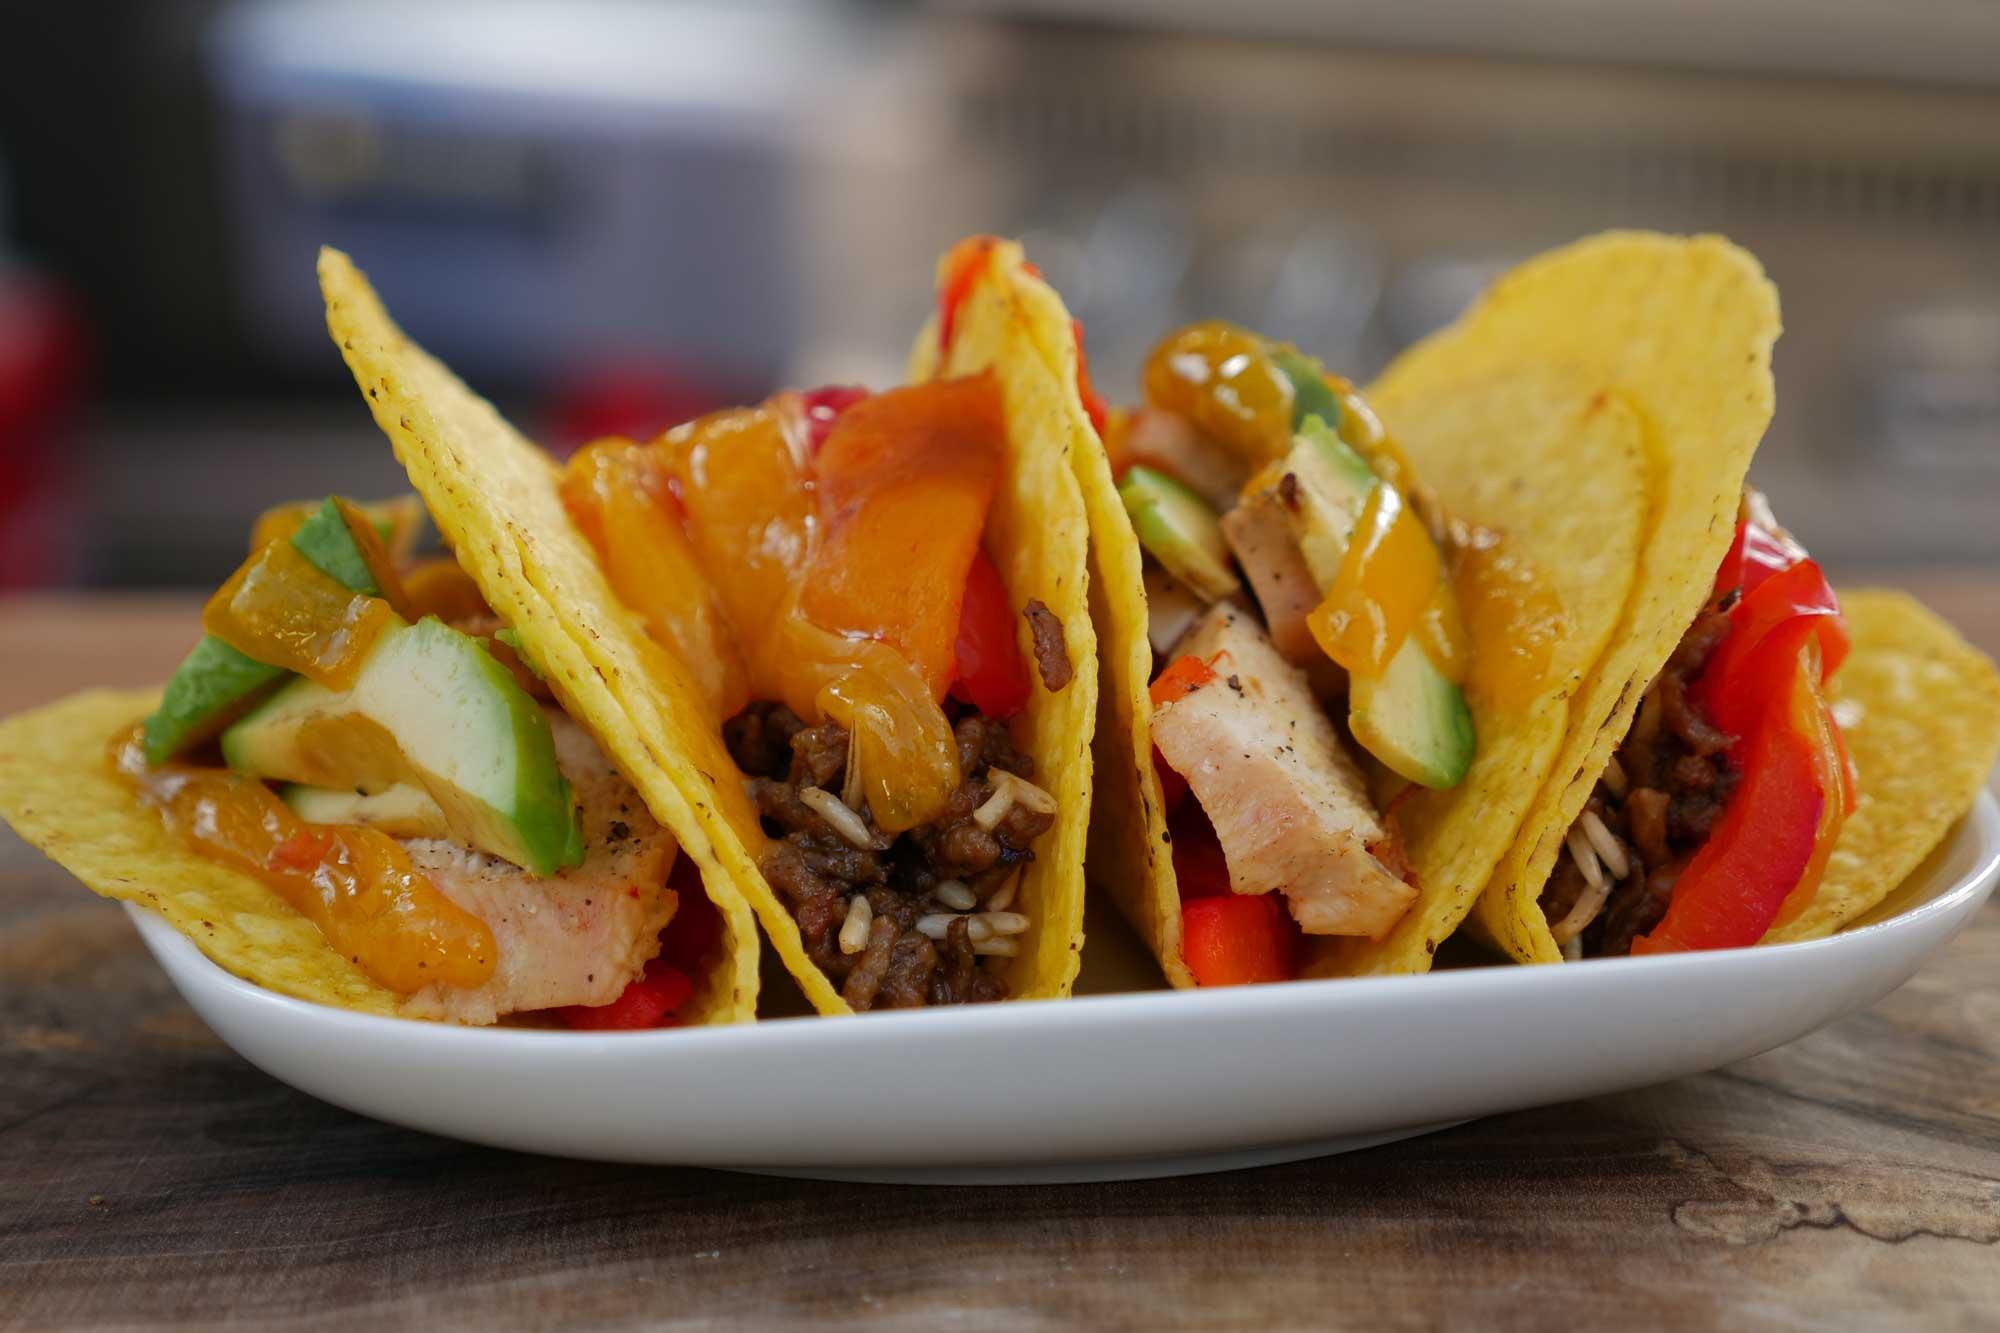 Tacos vom Grill – REWE Paket- und Lieferservice im Test